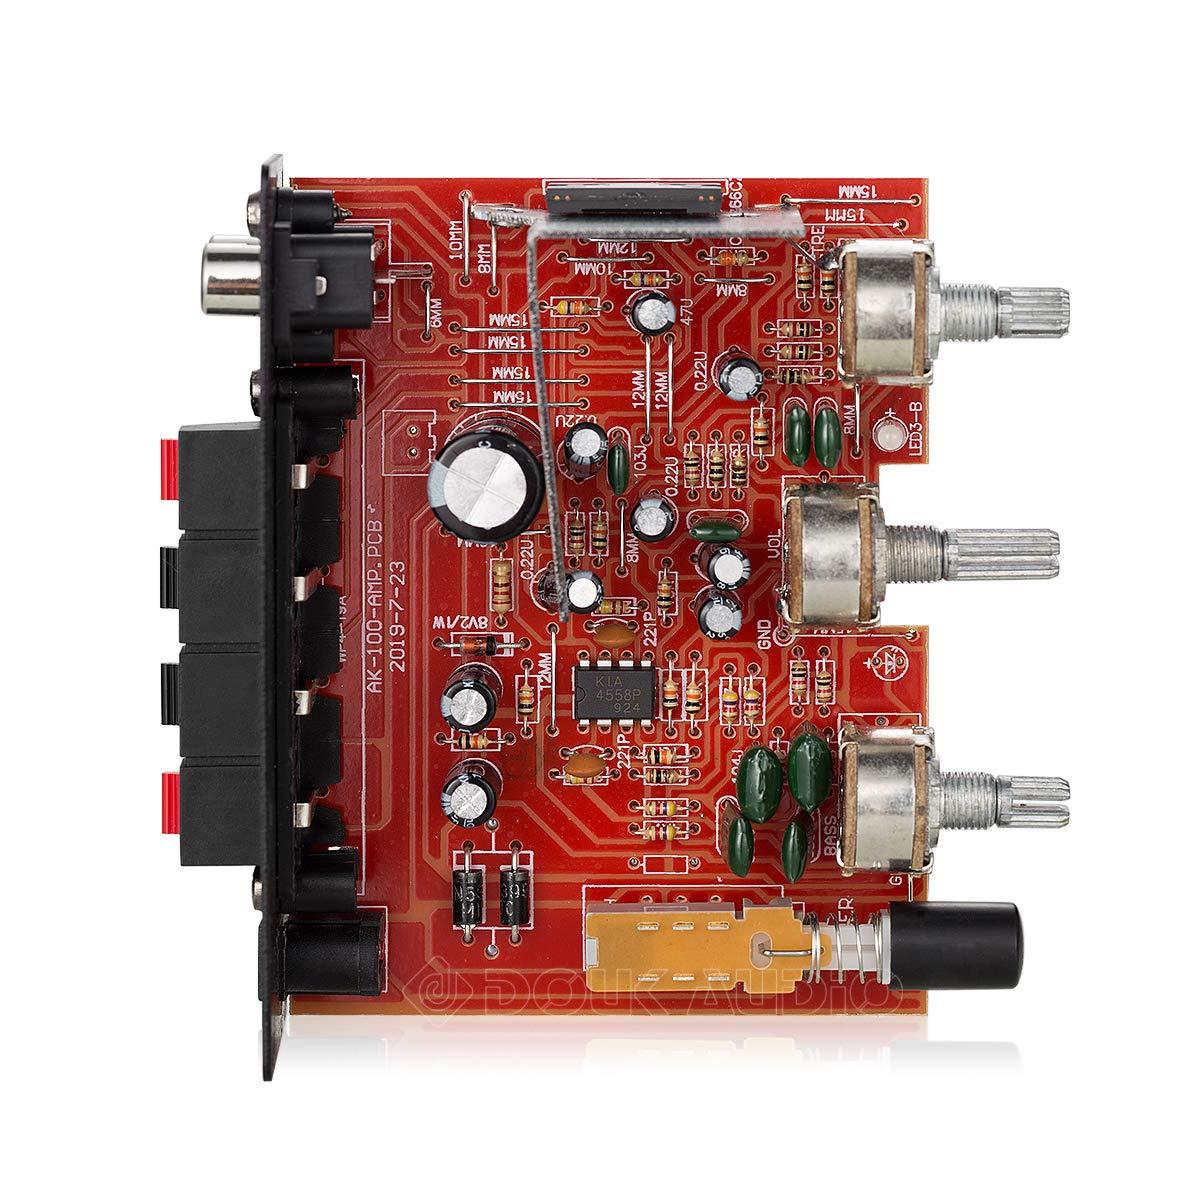 casa Amplificador de Potencia est/éreo para Motocicleta para Coche Audio Digital Mini Amplificador de 12 V Barco